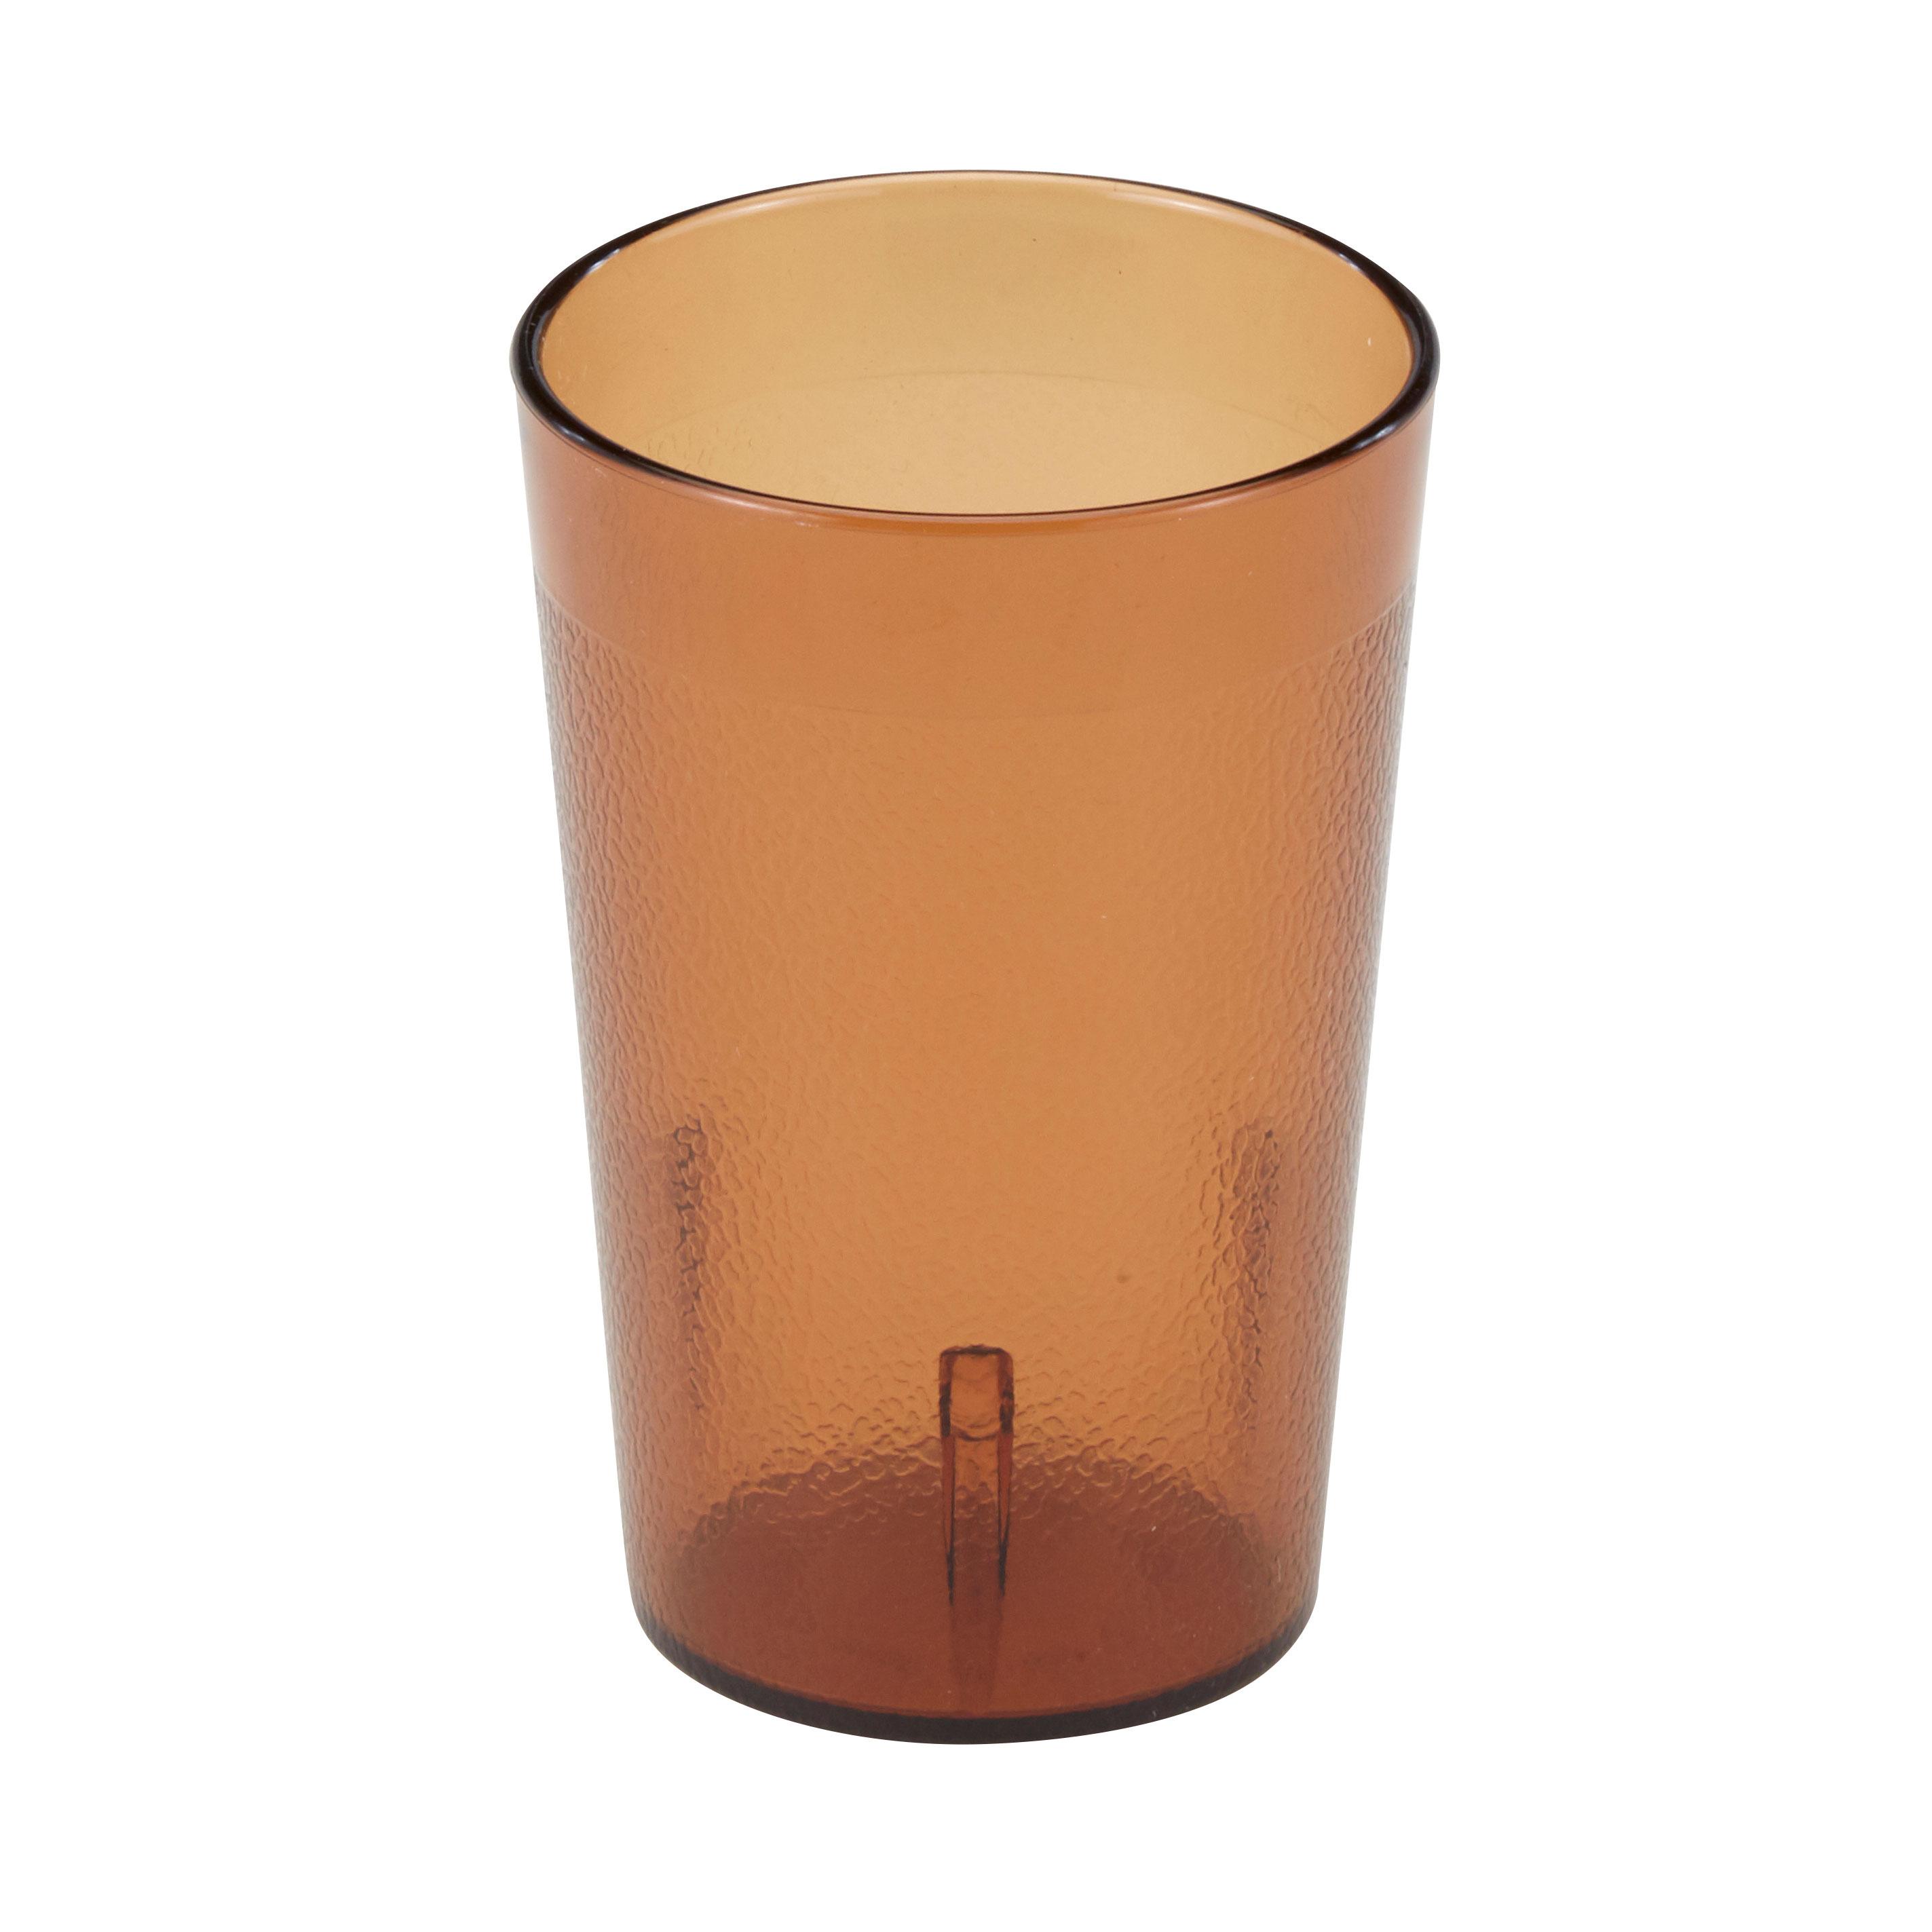 Cambro 500P153 plastic drinkware